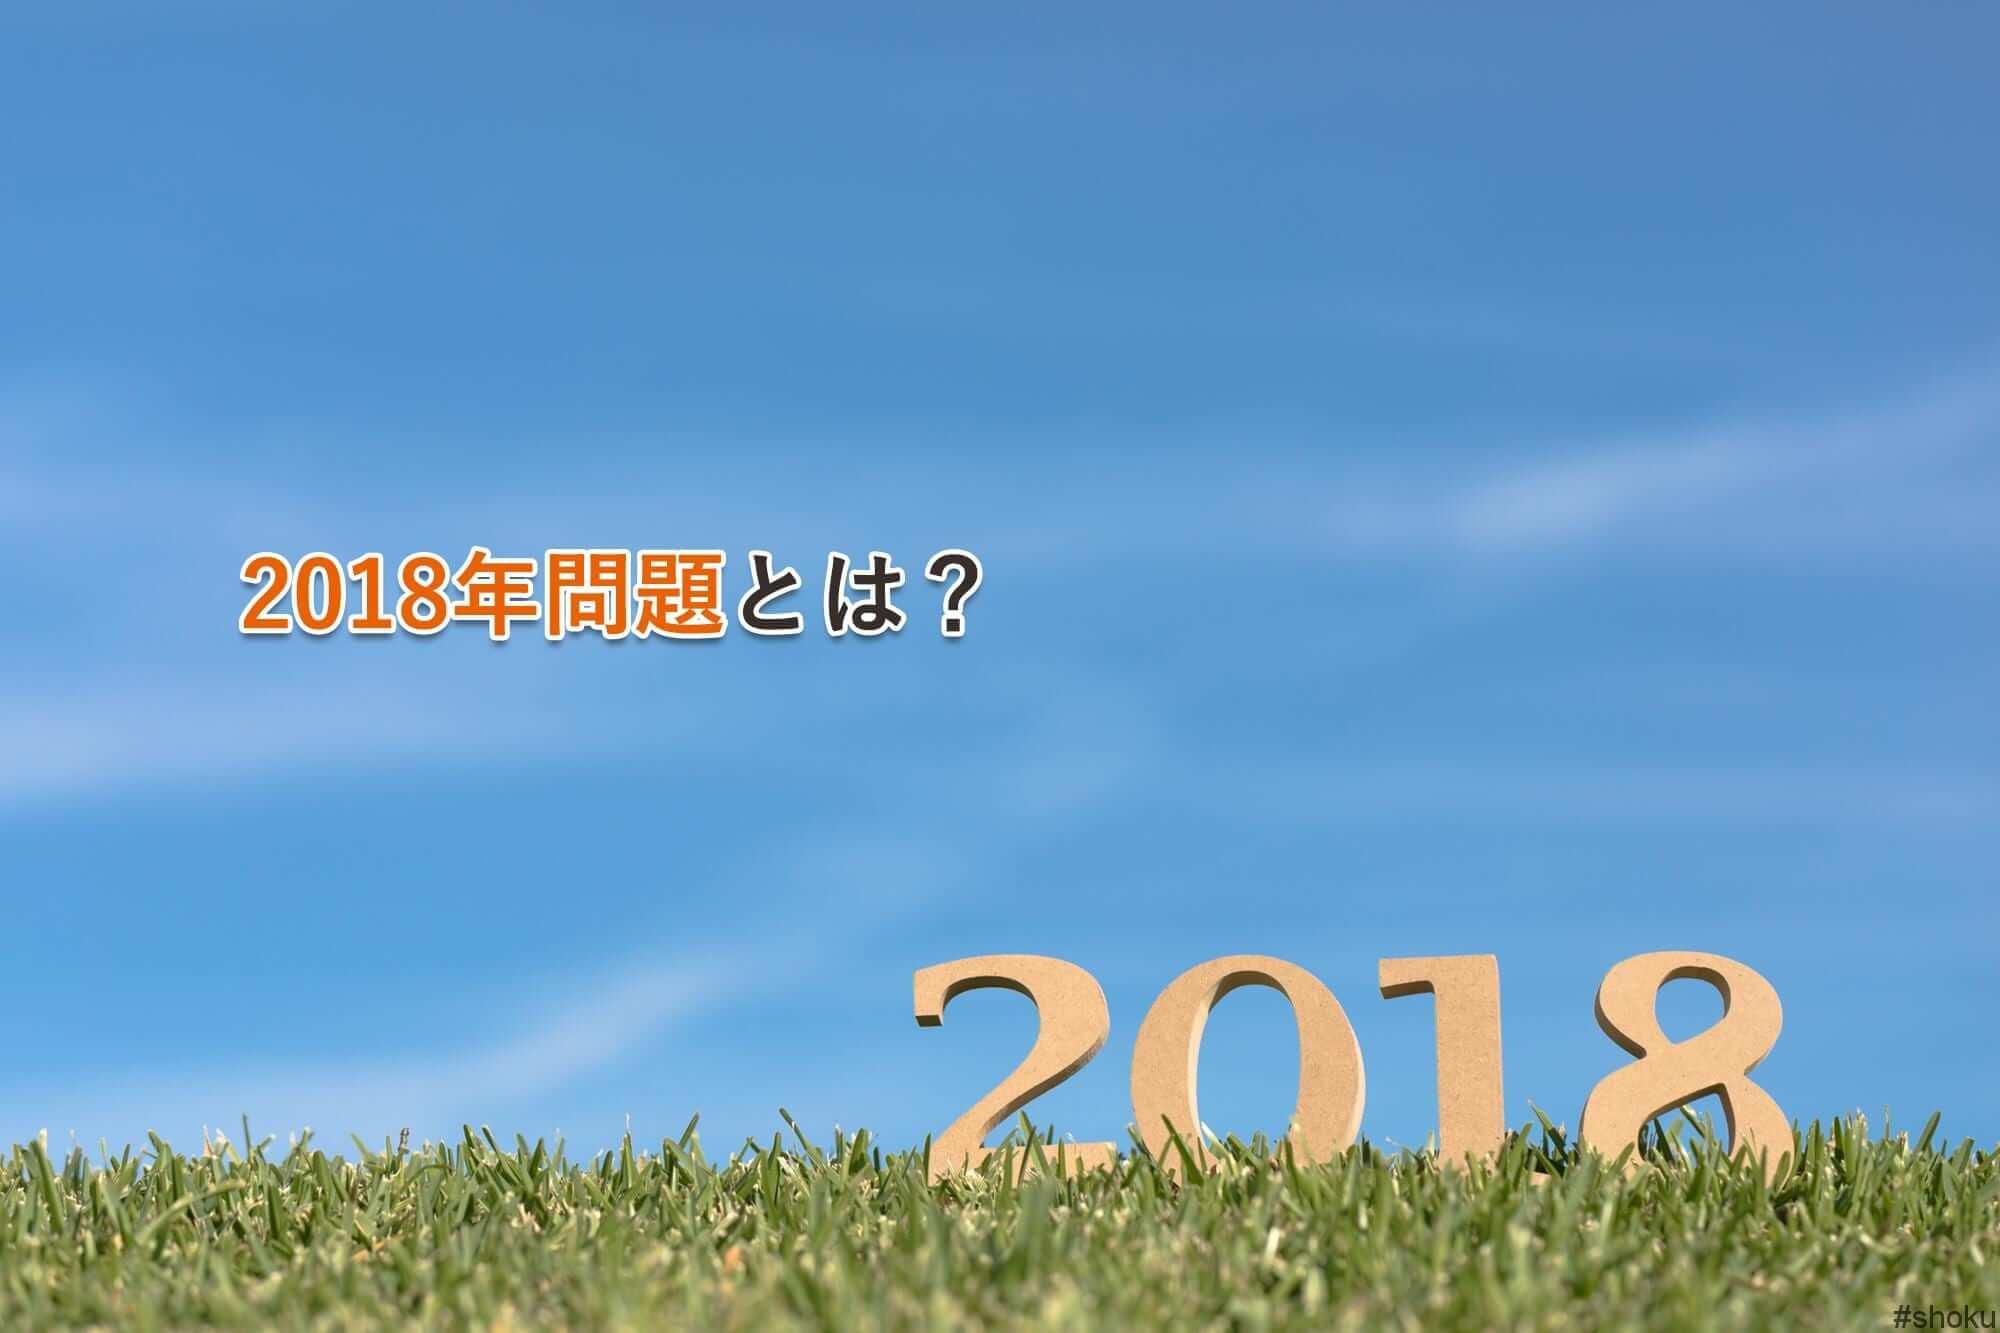 【社労士監修】派遣の2018年問題とは?2018年問題の概要とその後